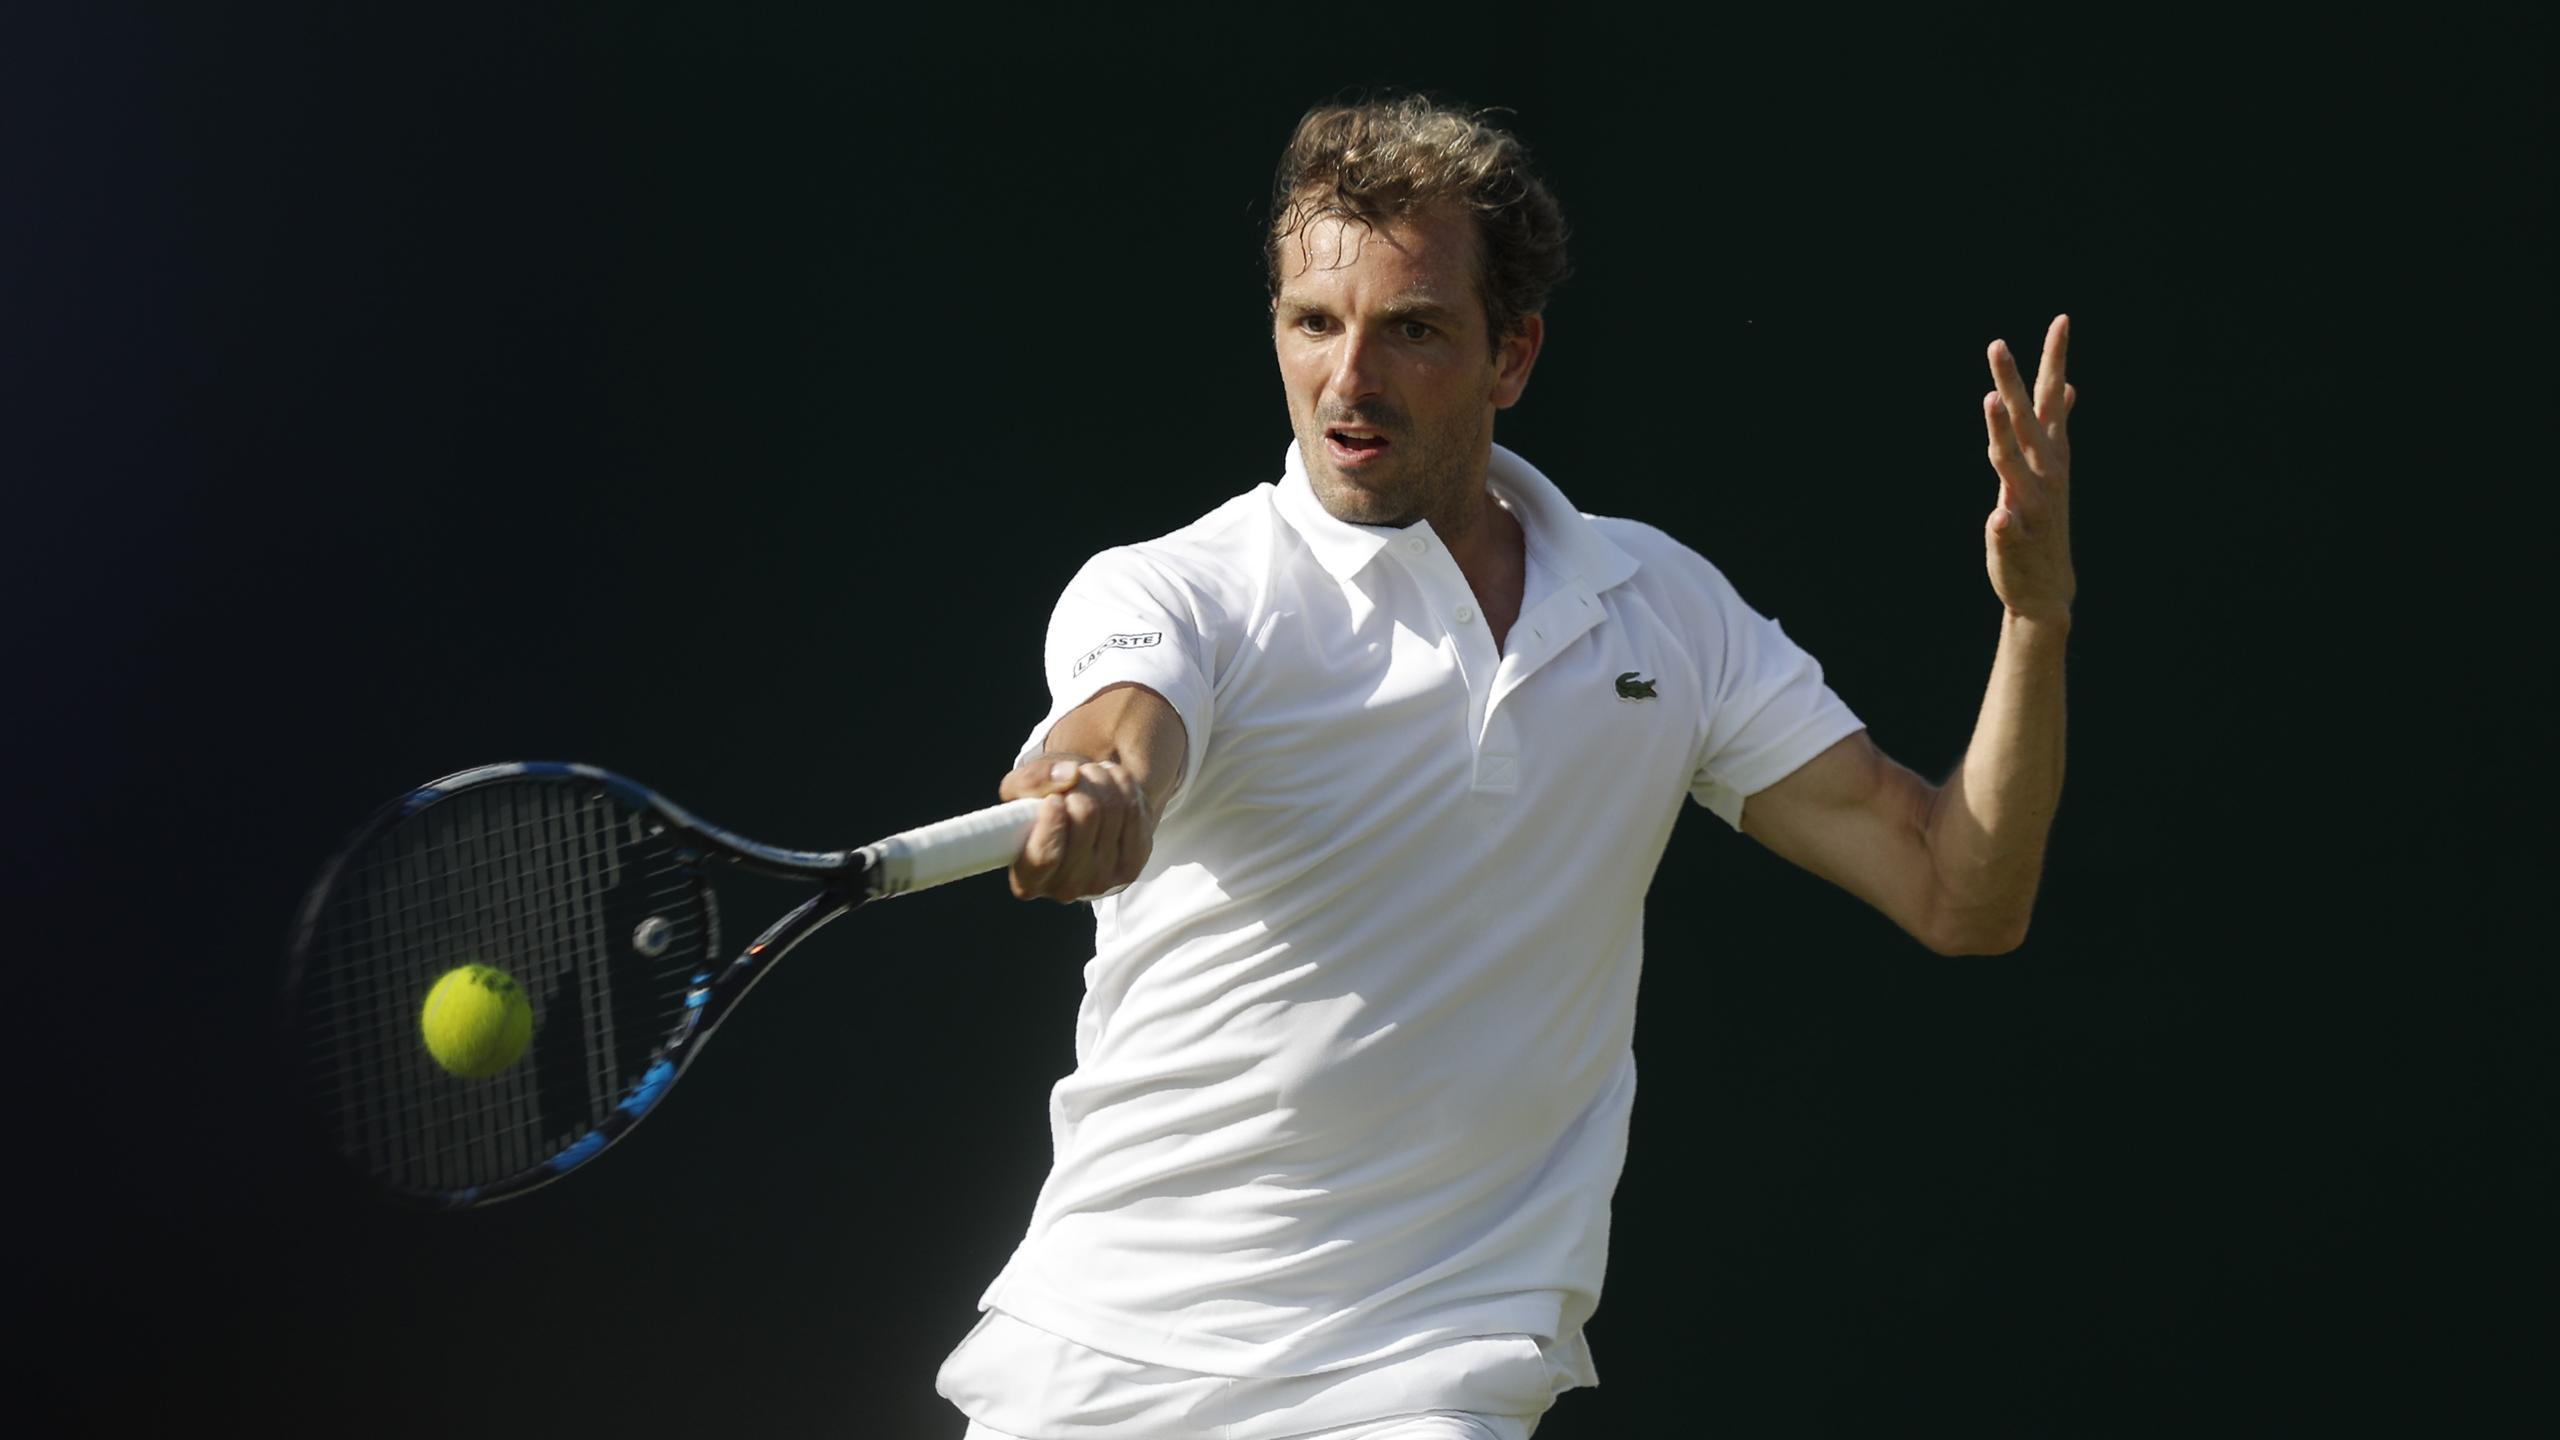 Julien Benneteau - Wimbledon 2016